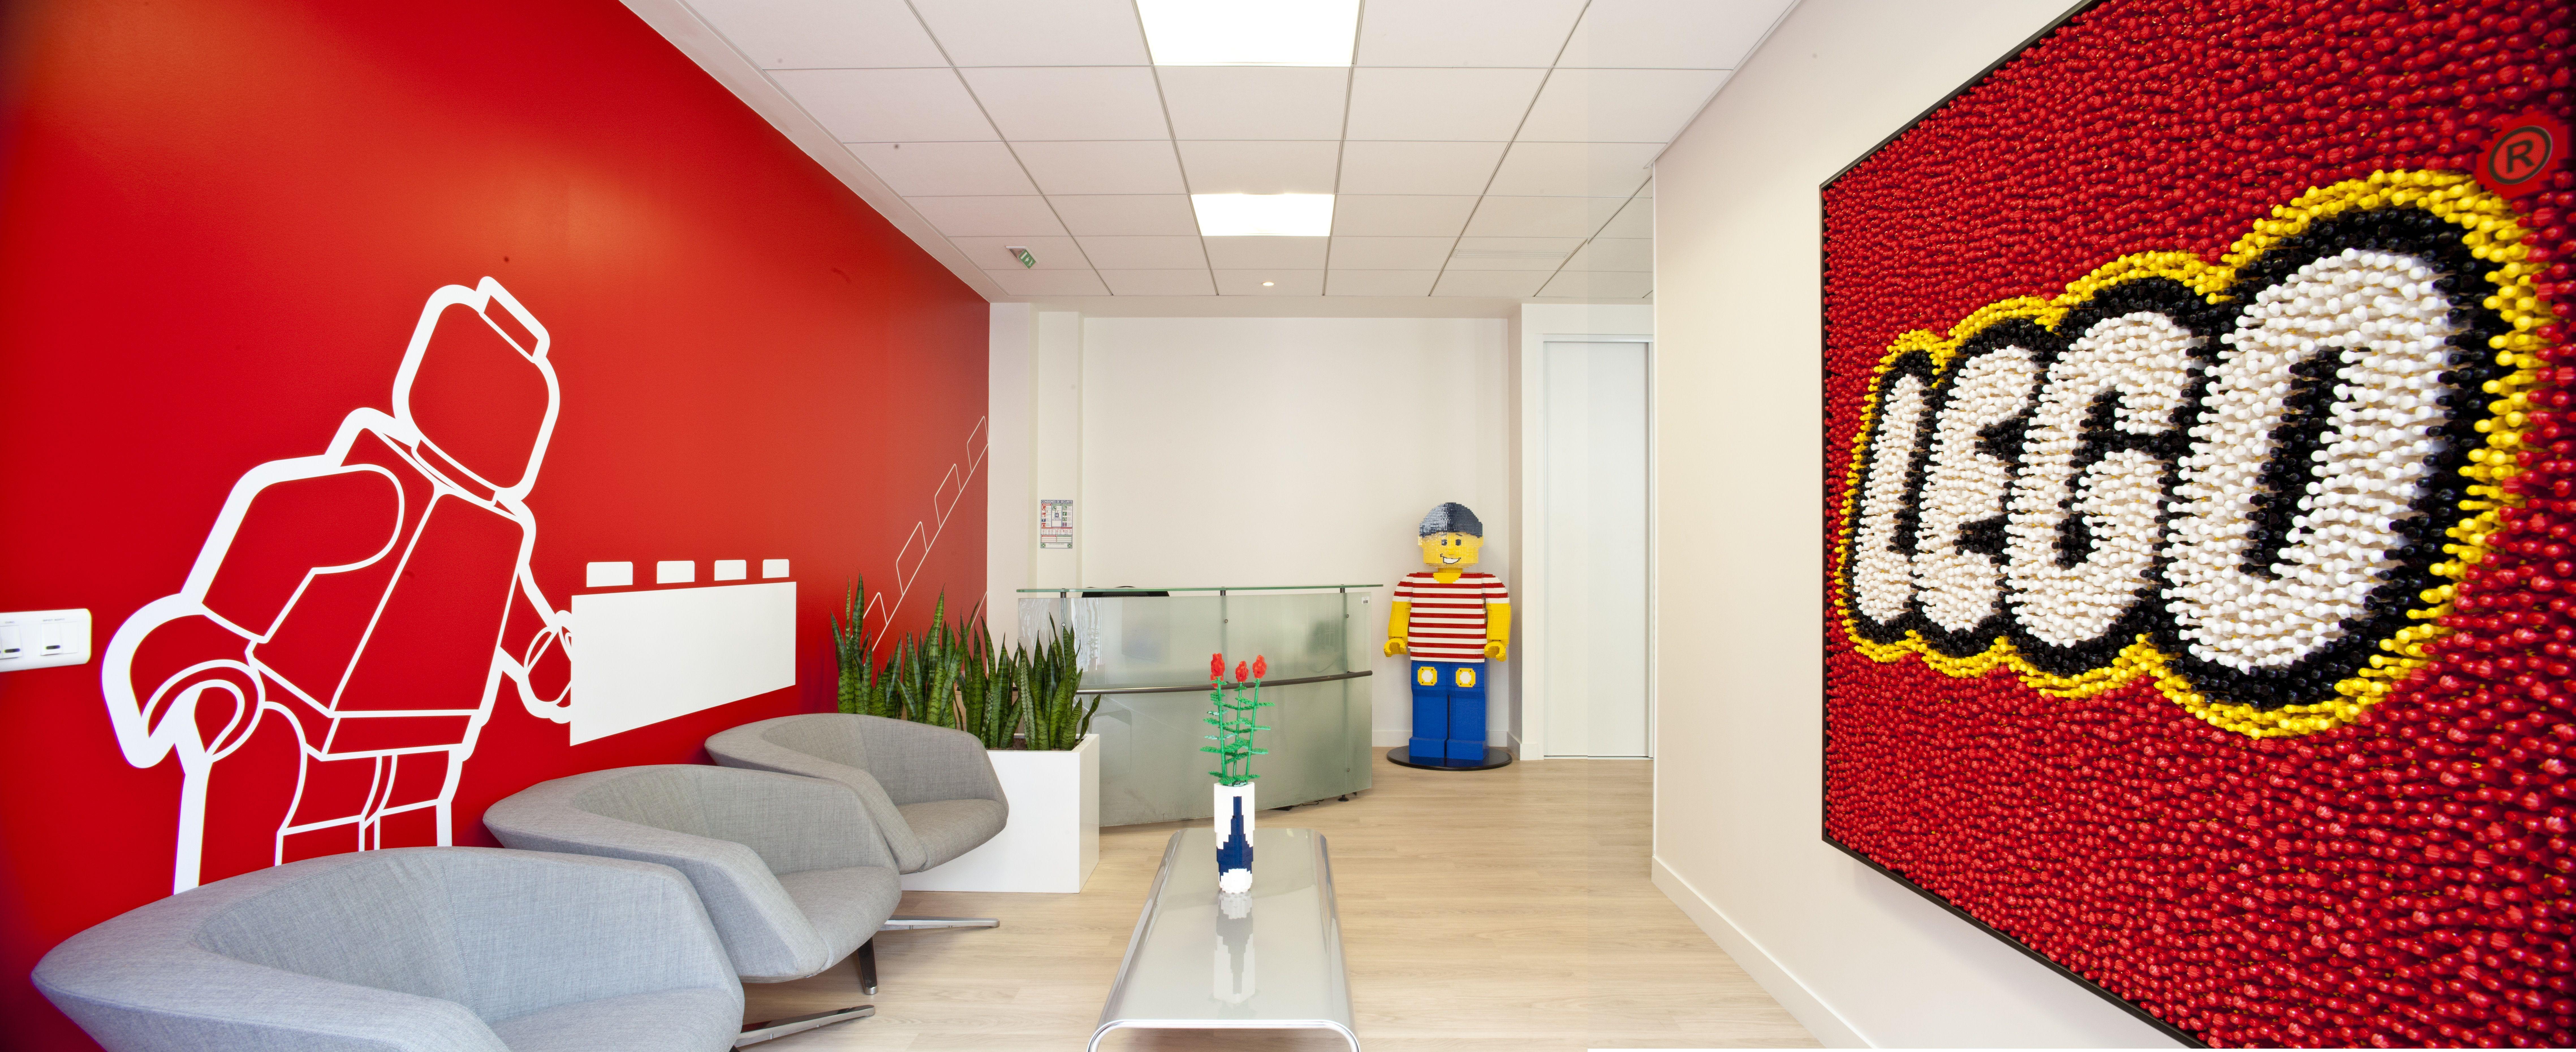 Epingle Par Tim Xie Sur Interiores En 2020 Lego Vitrophanie Accueil